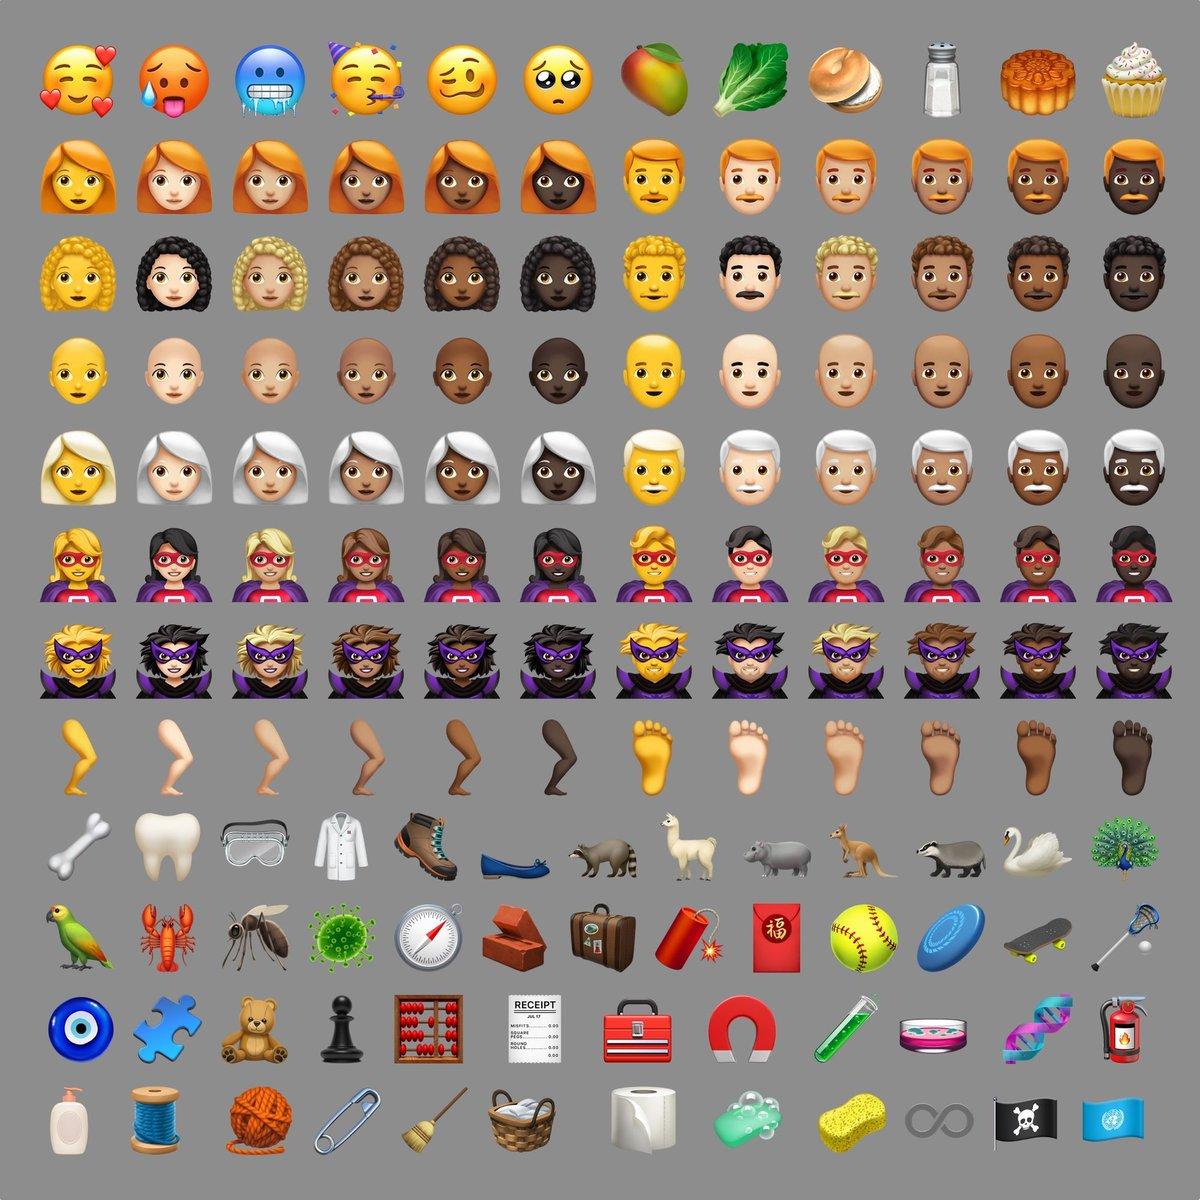 All new emojis in iOS12.1 #ios